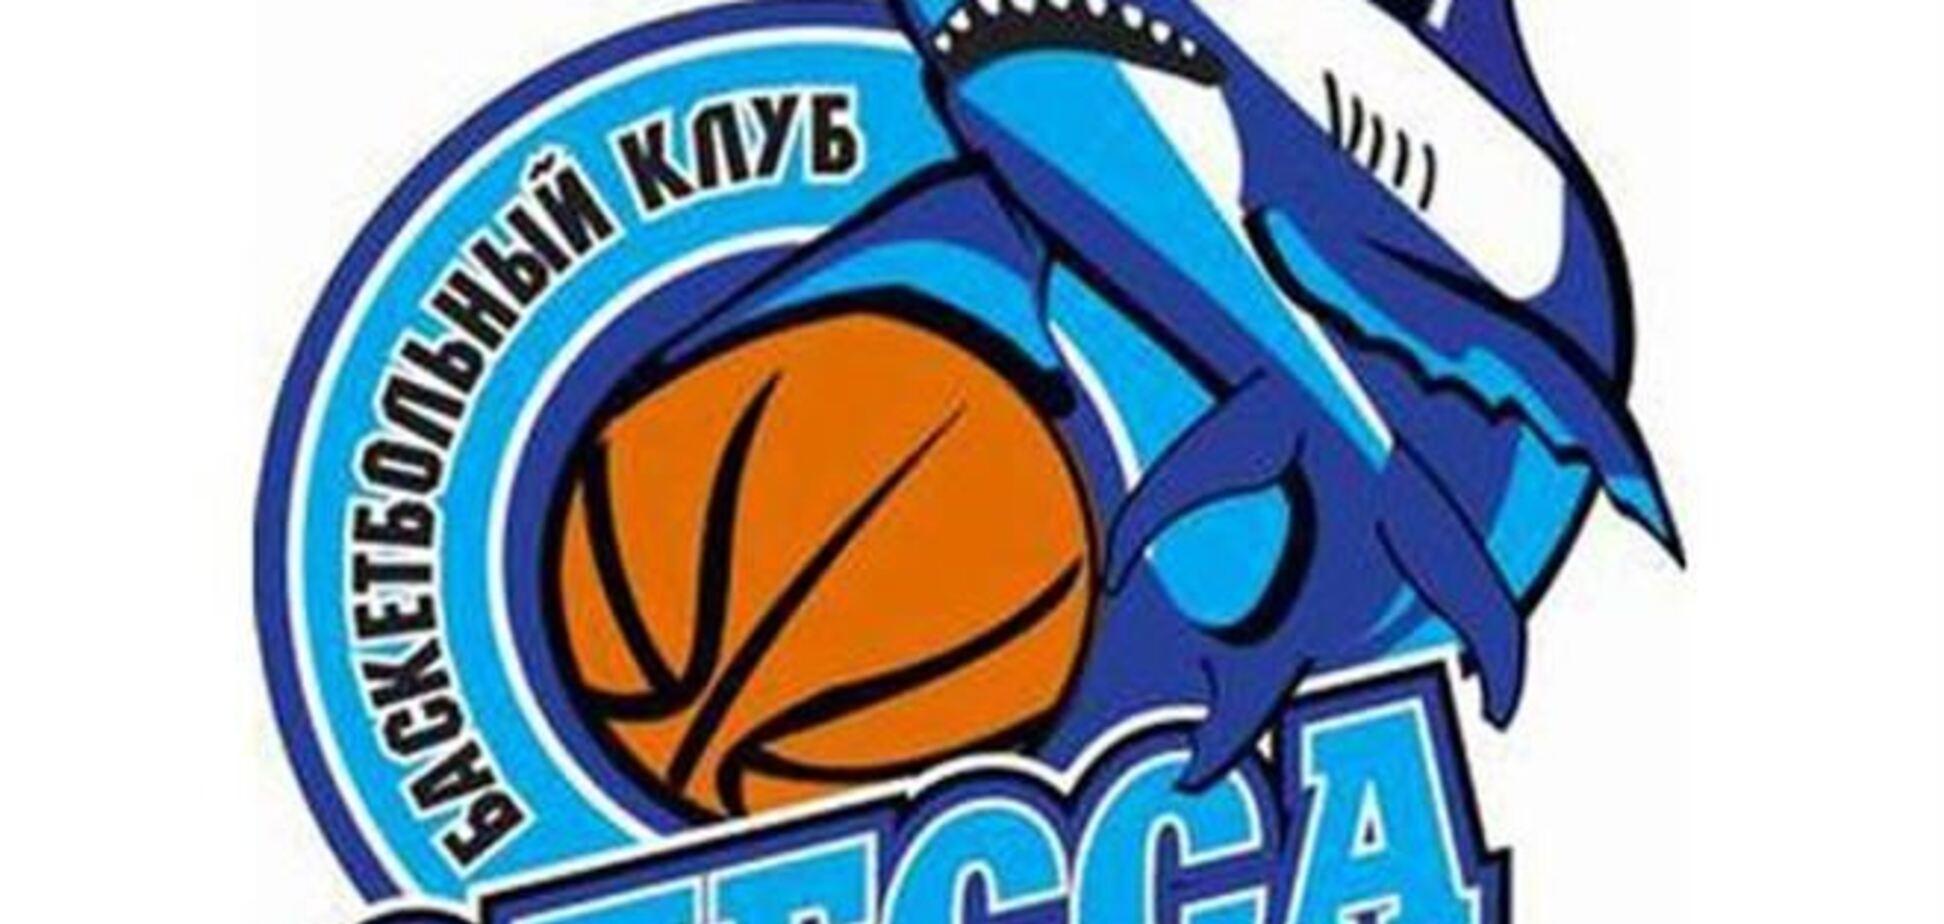 БК 'Одесса' предложила 'Азовмашу' перенести из Мариуполя первый матч плей-офф